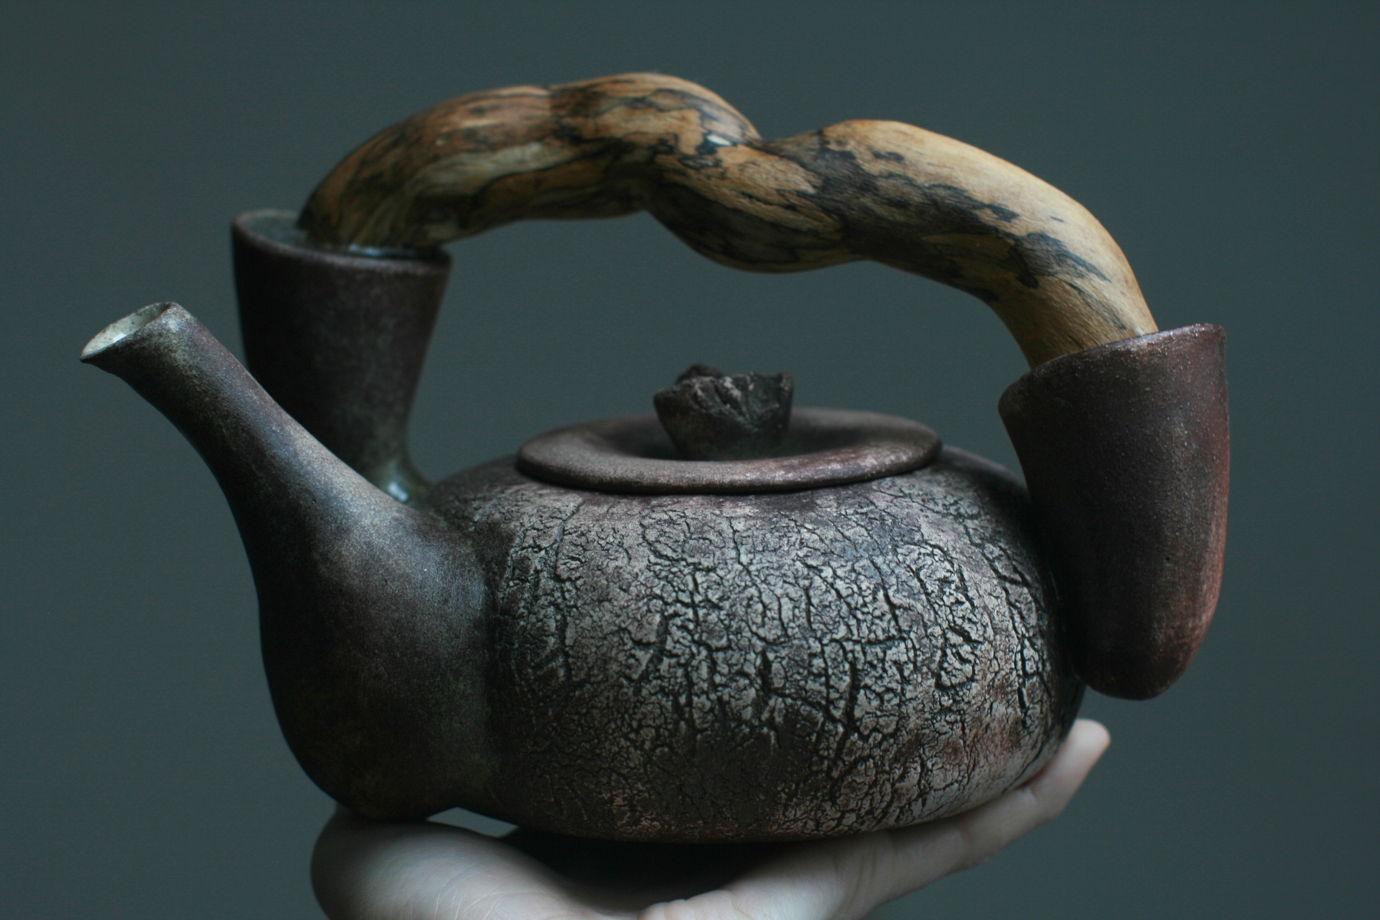 Керамический чайник. Земля